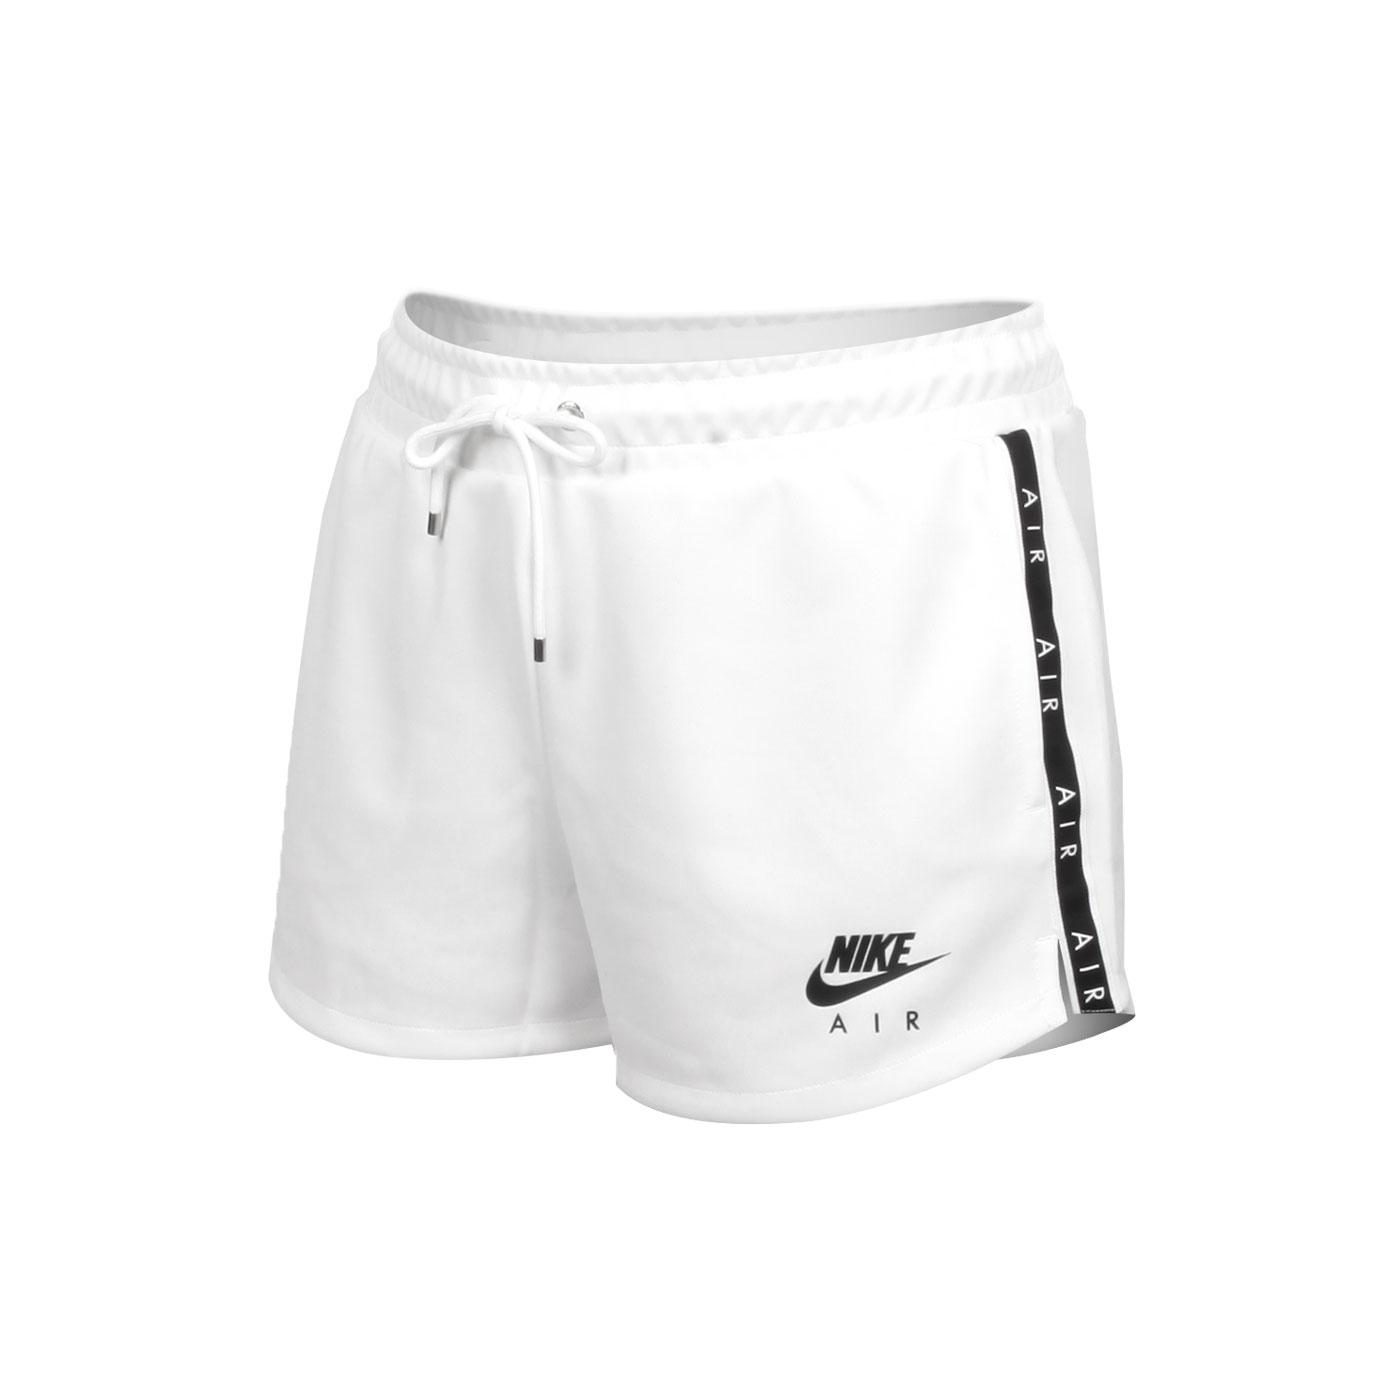 NIKE 女款運動短褲 CJ3135-100 - 白黑